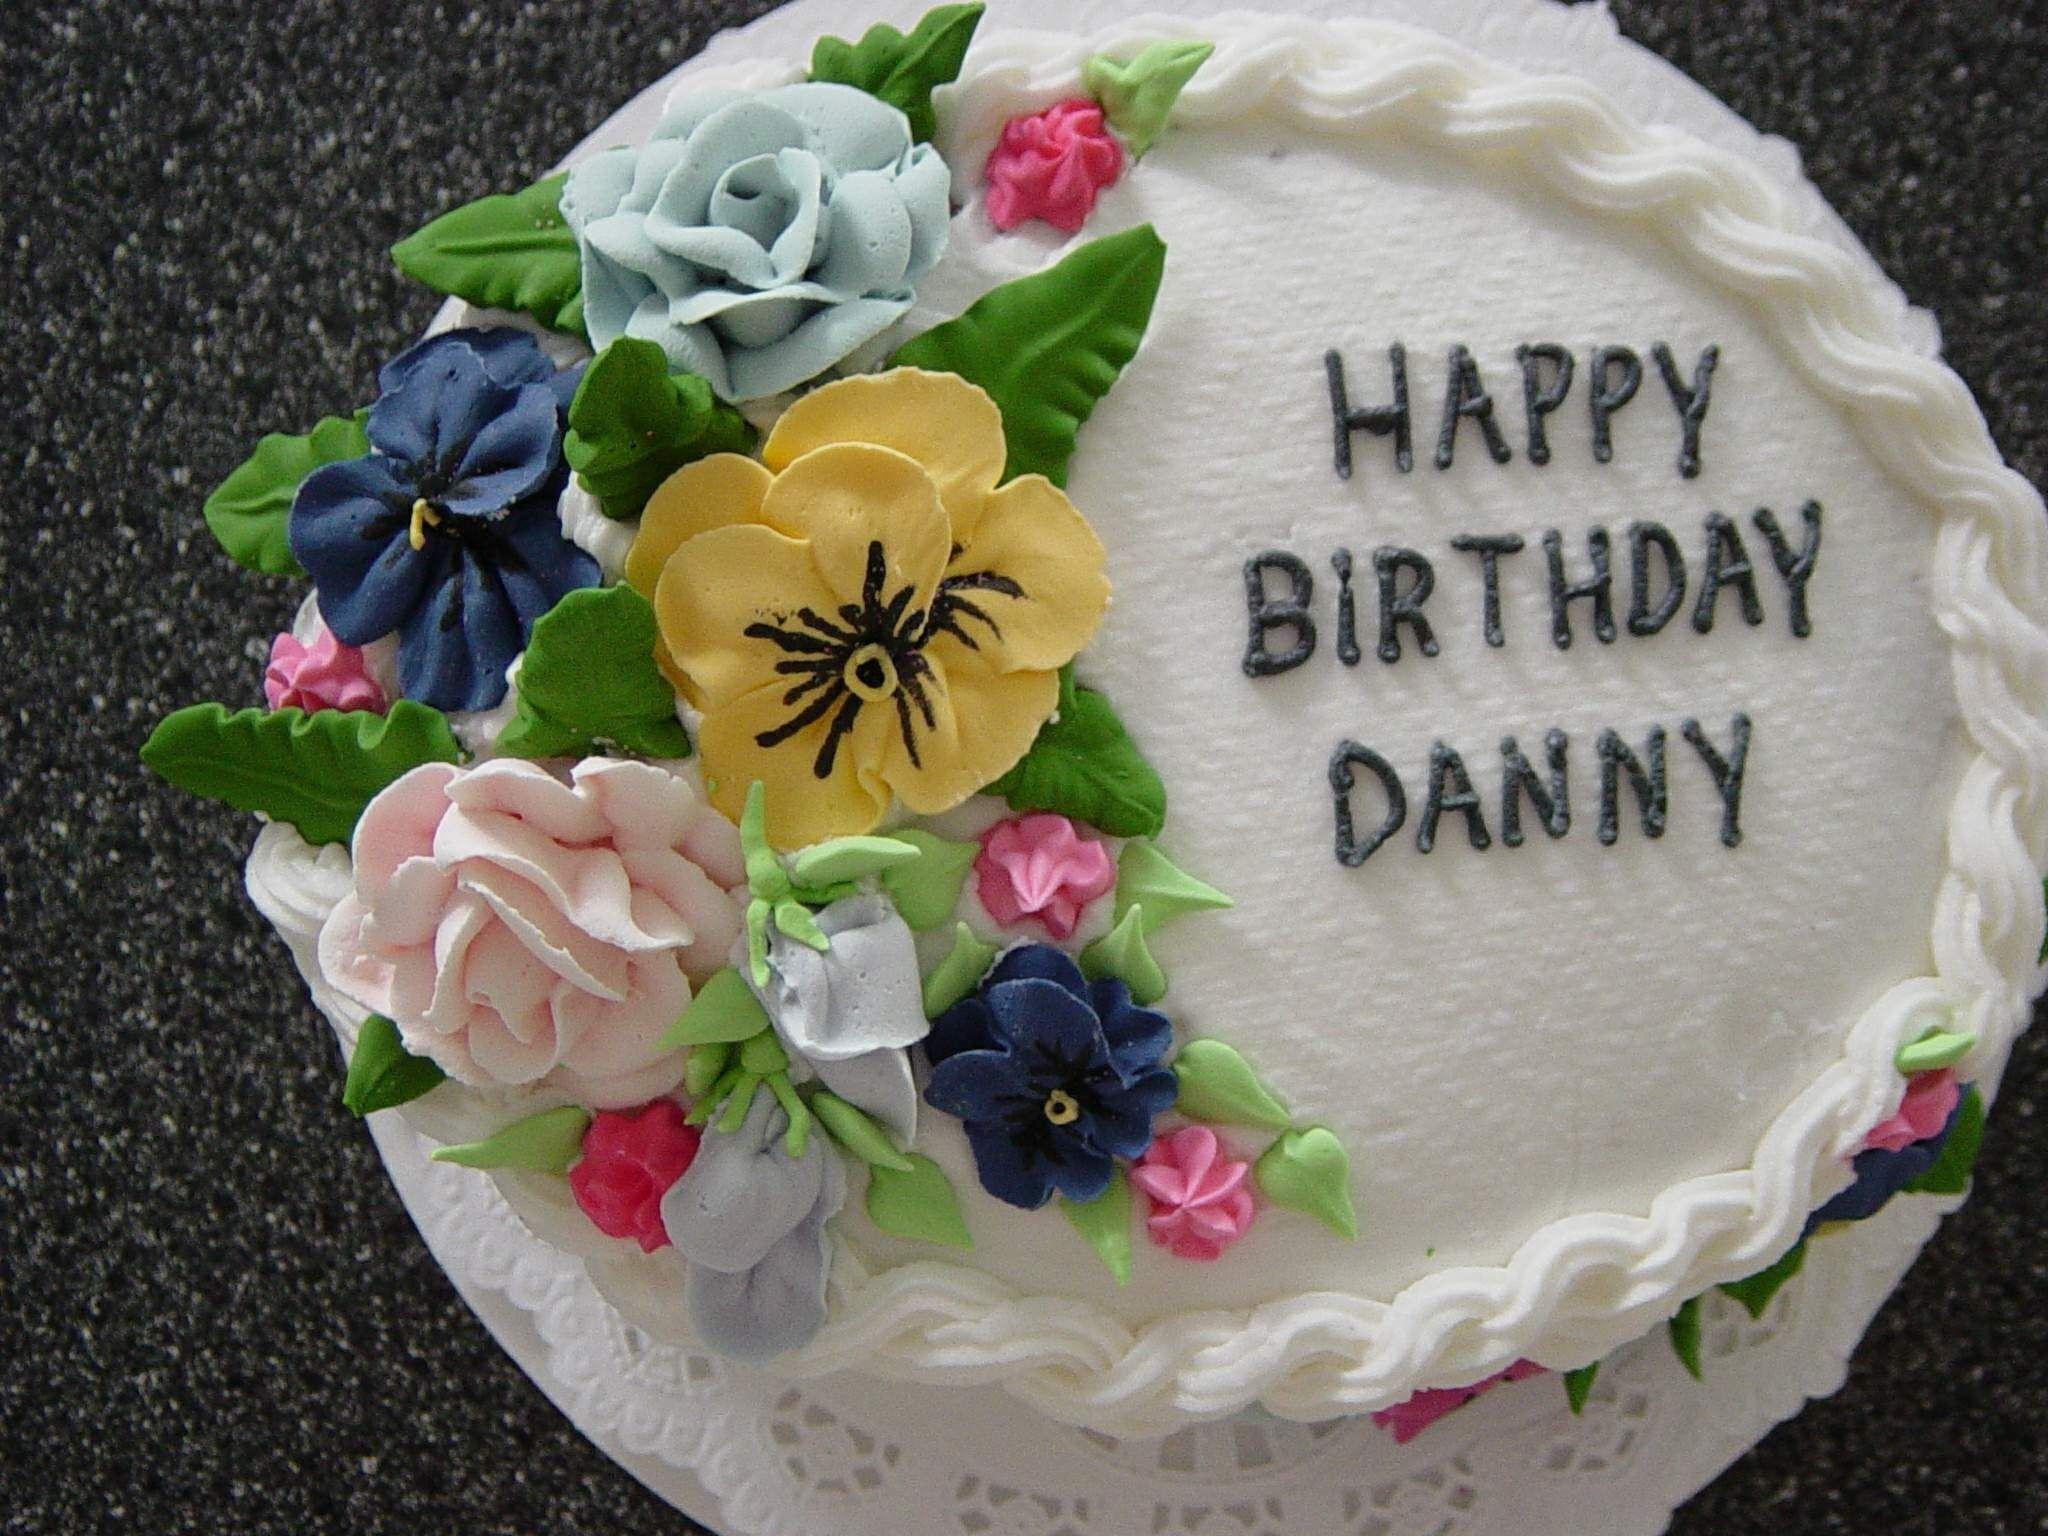 Happy Birthday Danny Cake In 2021 Happy Birthday Boss Happy Birthday Quotes Funny Birthday